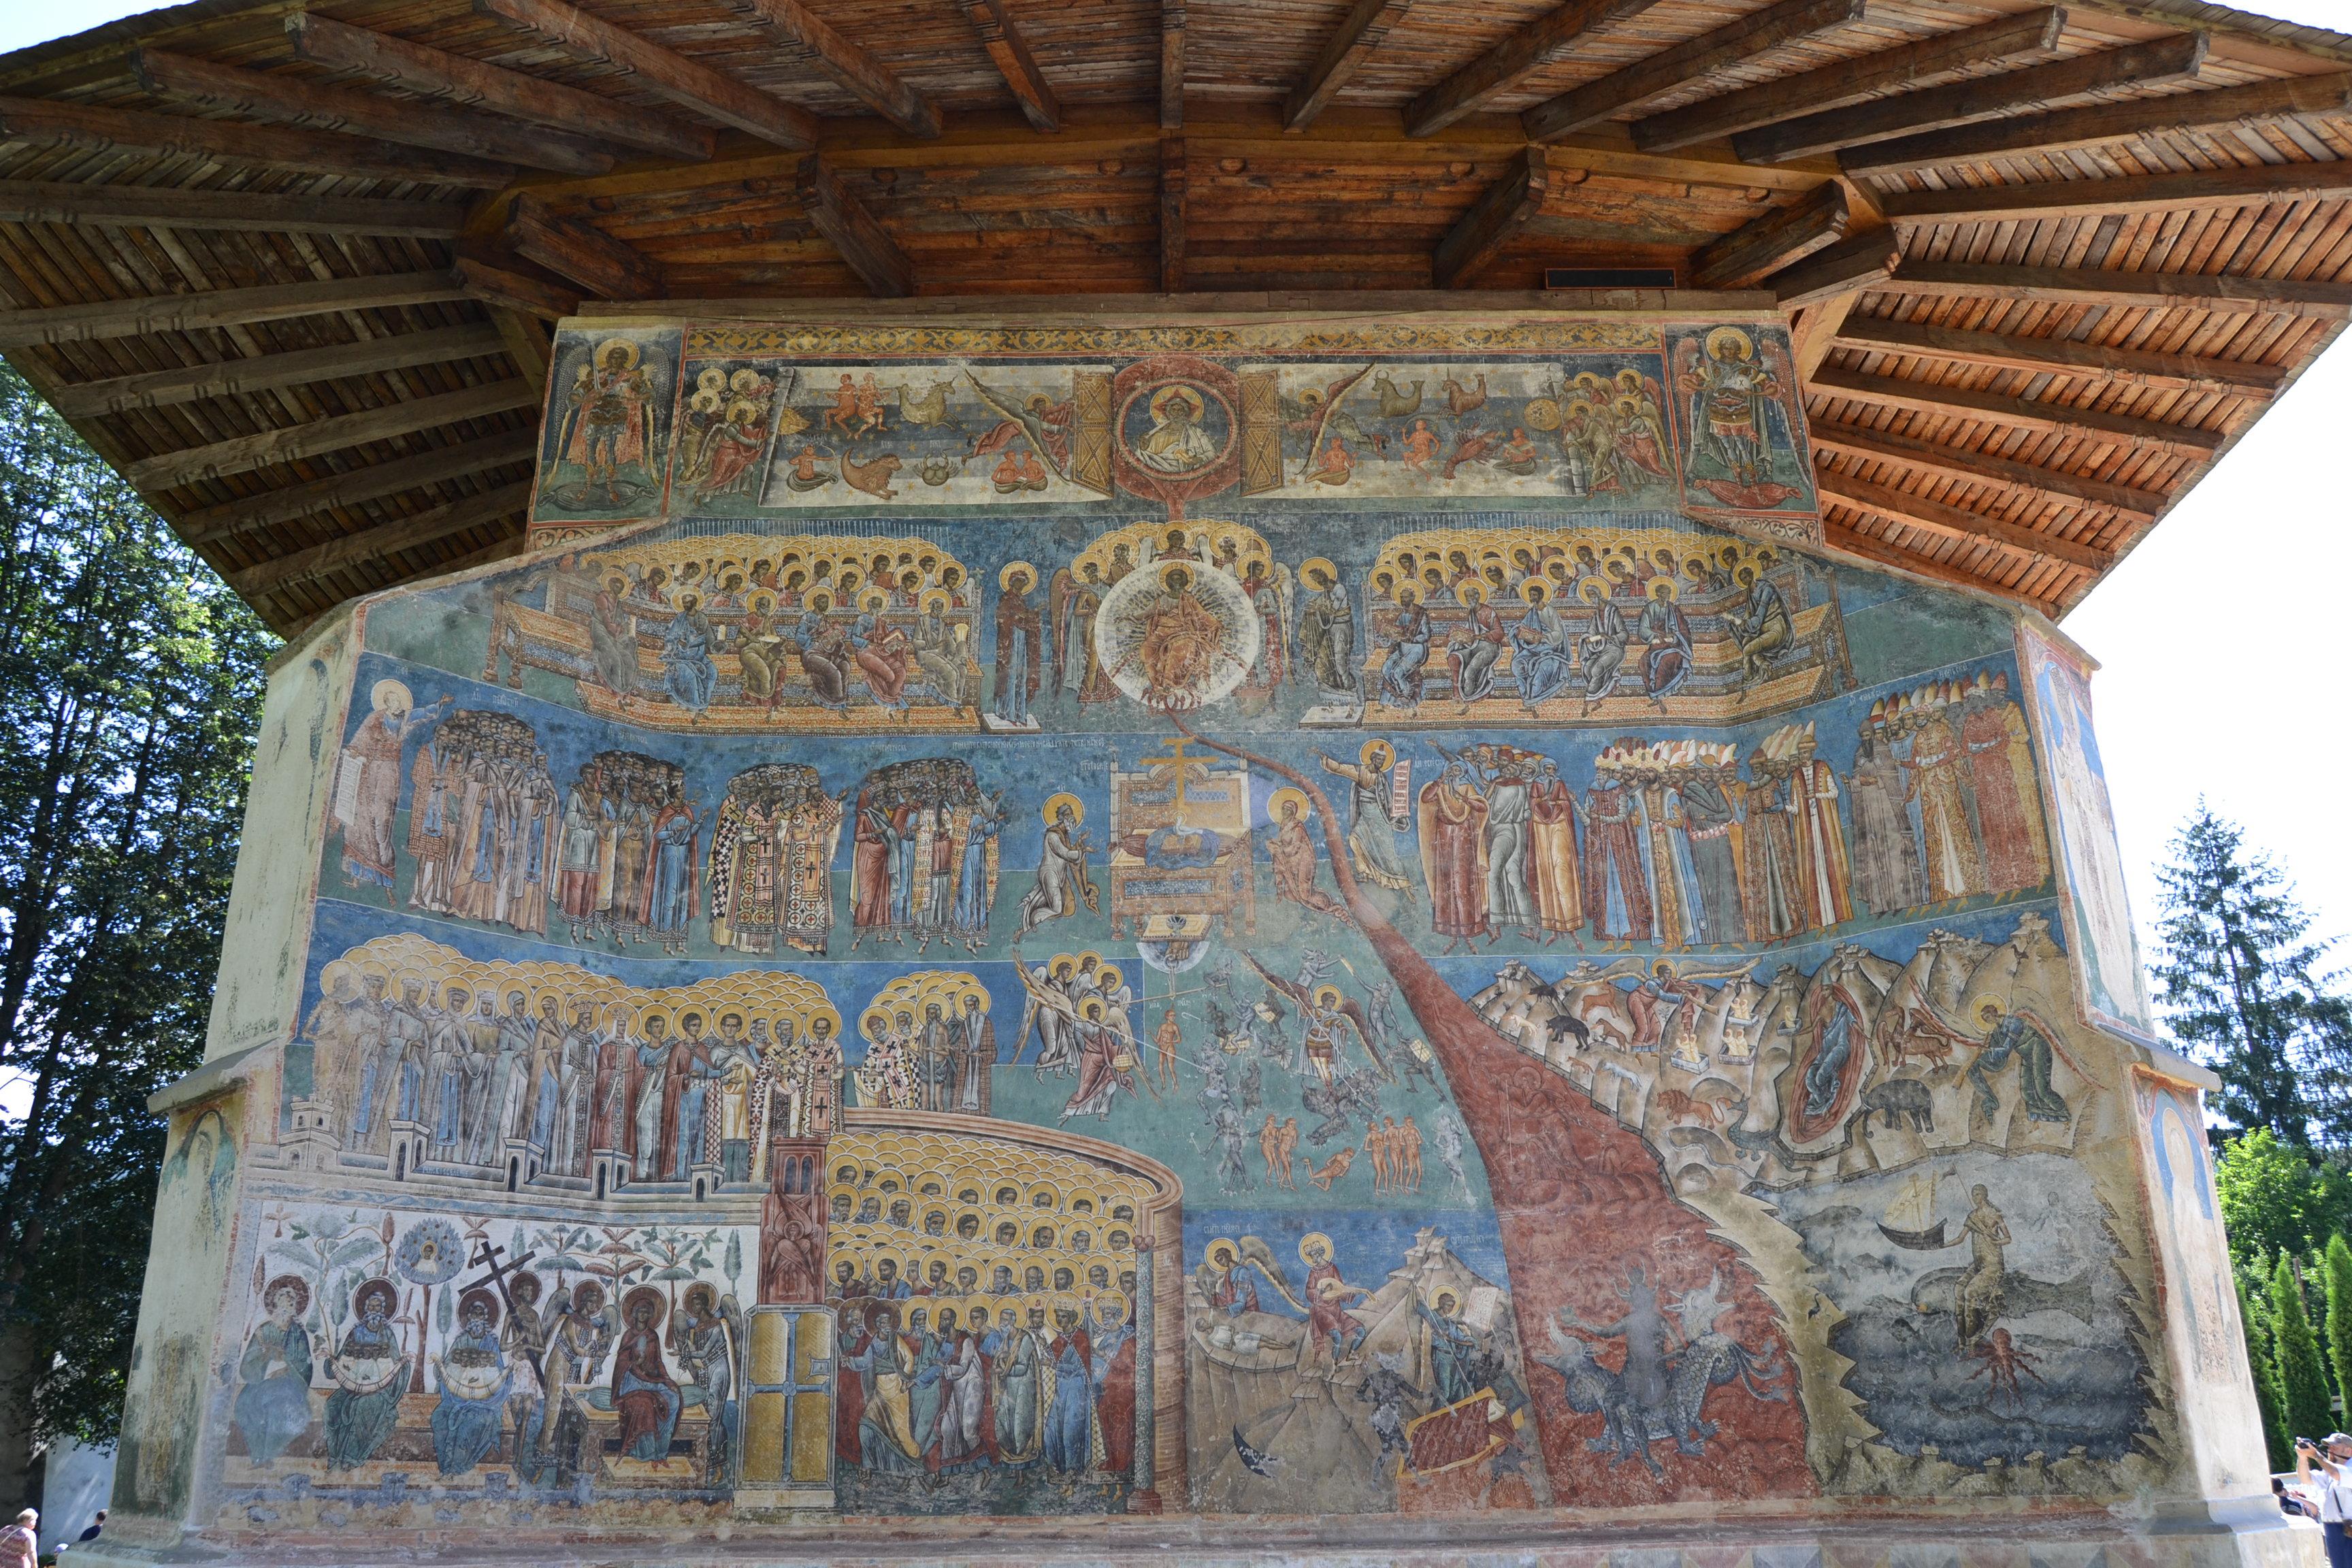 Juicio Final en el Monasterio de Voronet. Bucovina. Rumanía